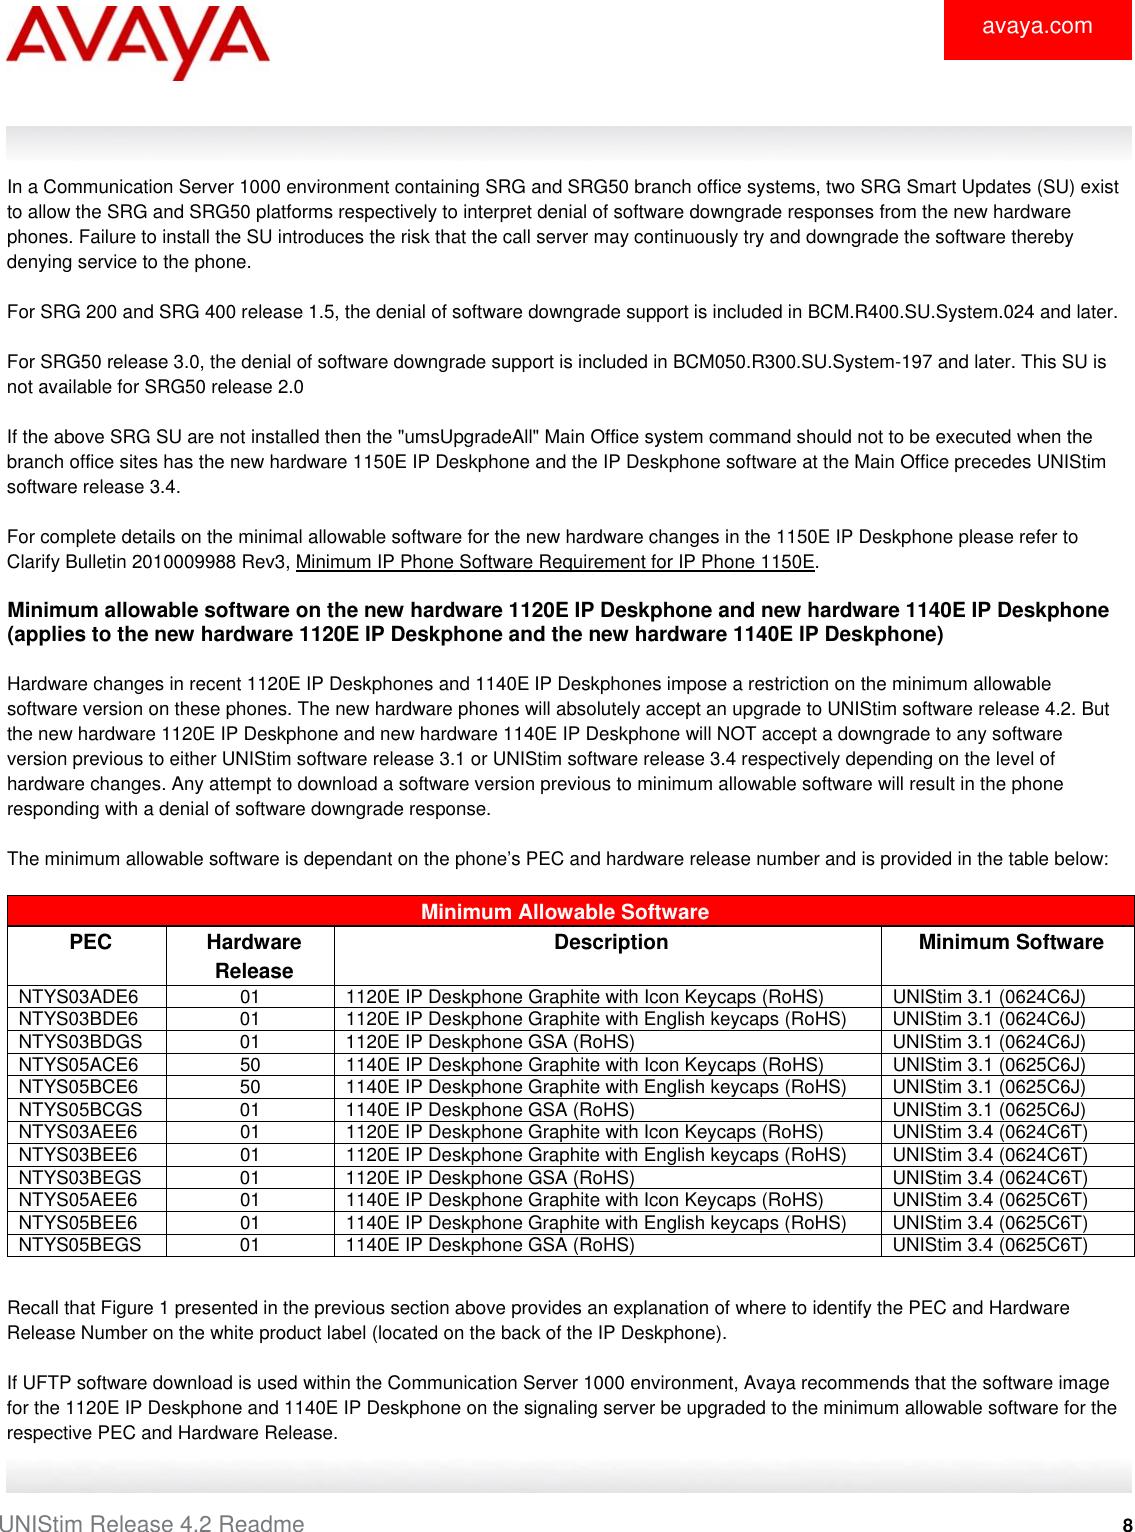 Avaya Unistim Software Release 4 2 Notice UNIStim42_Readmex